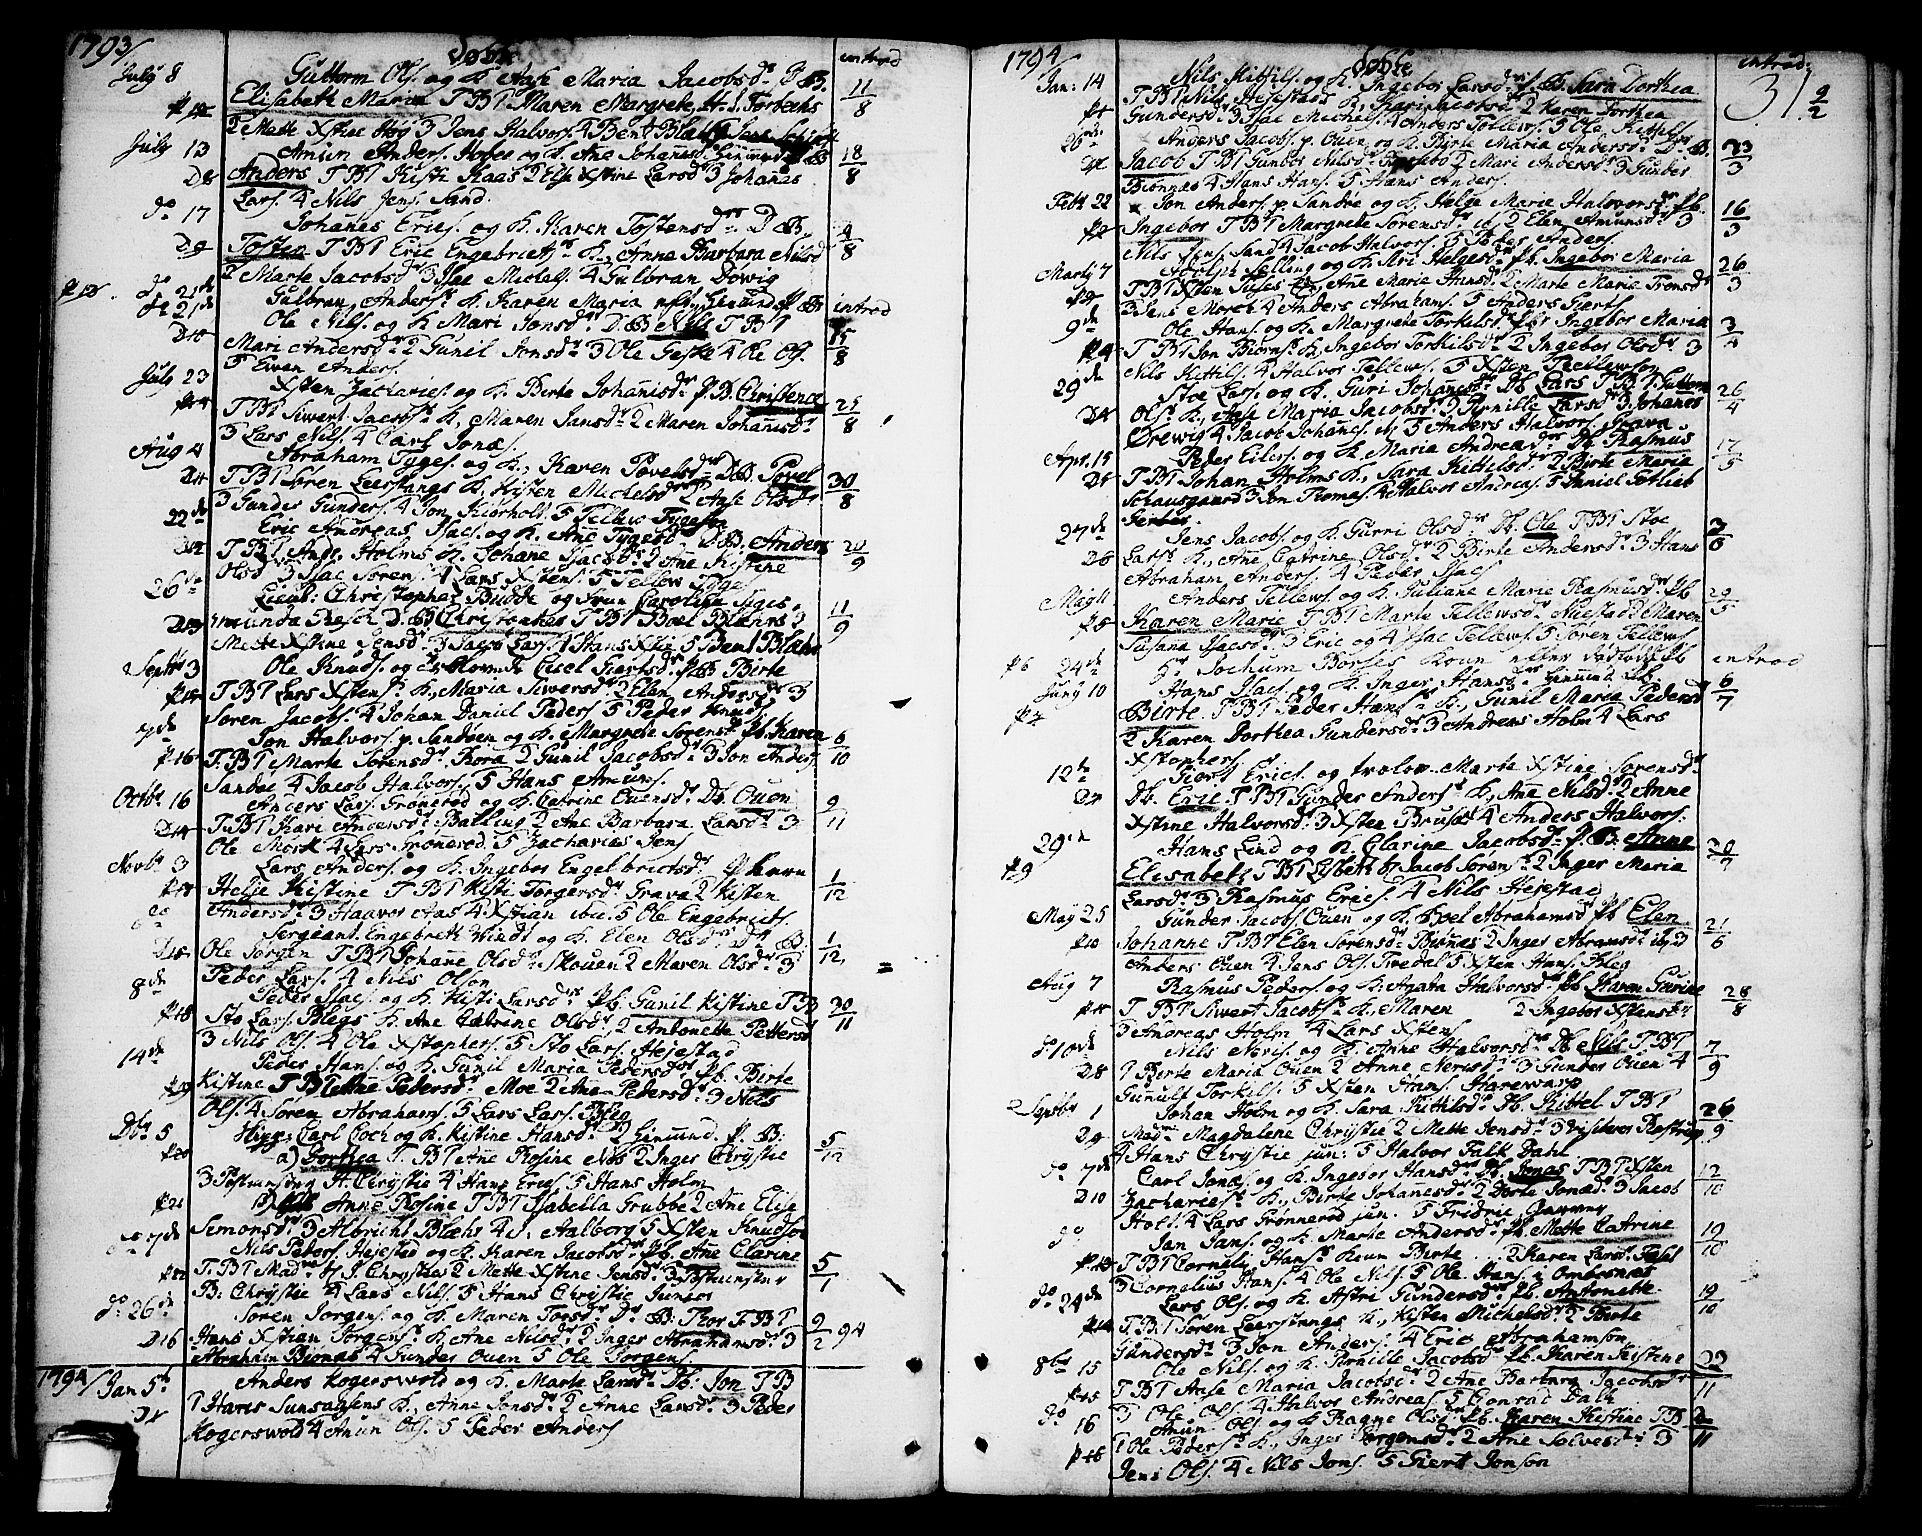 SAKO, Brevik kirkebøker, F/Fa/L0003: Ministerialbok nr. 3, 1764-1814, s. 31